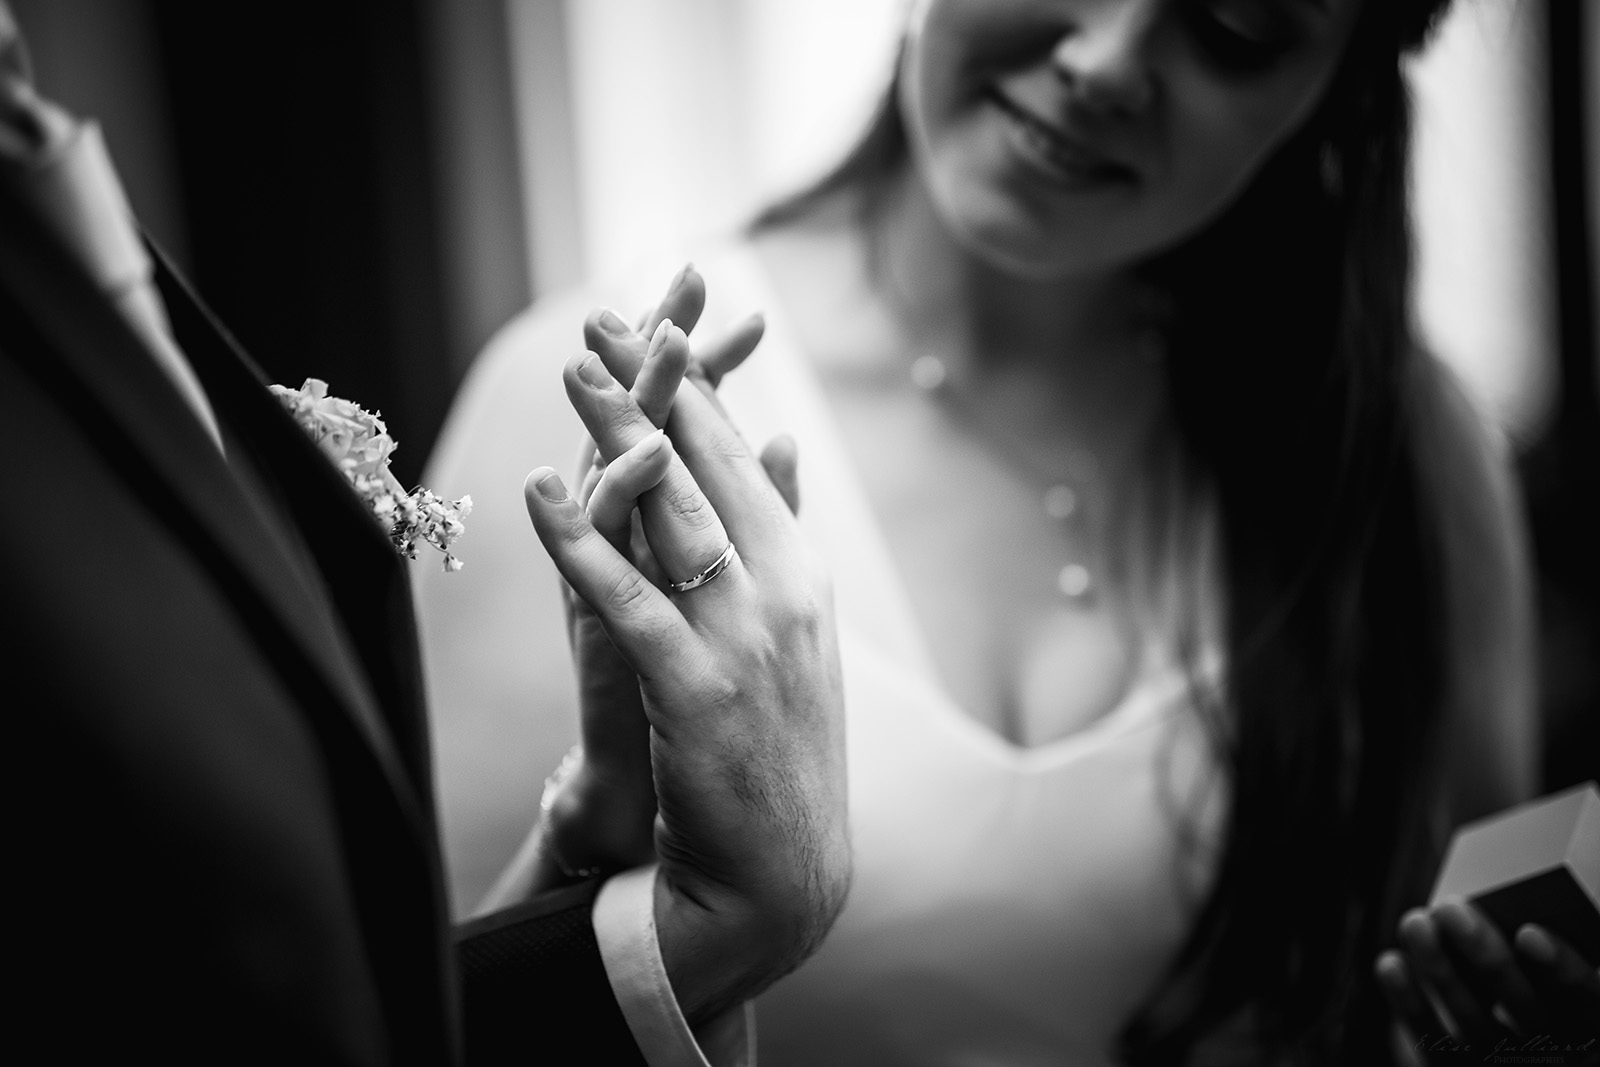 mariage-wedding-photographe-photographer-reportage-couple-love-session-seance-photo-vieux-lyon-auvergne-rhone-alpes-les-terrasses-du-parc